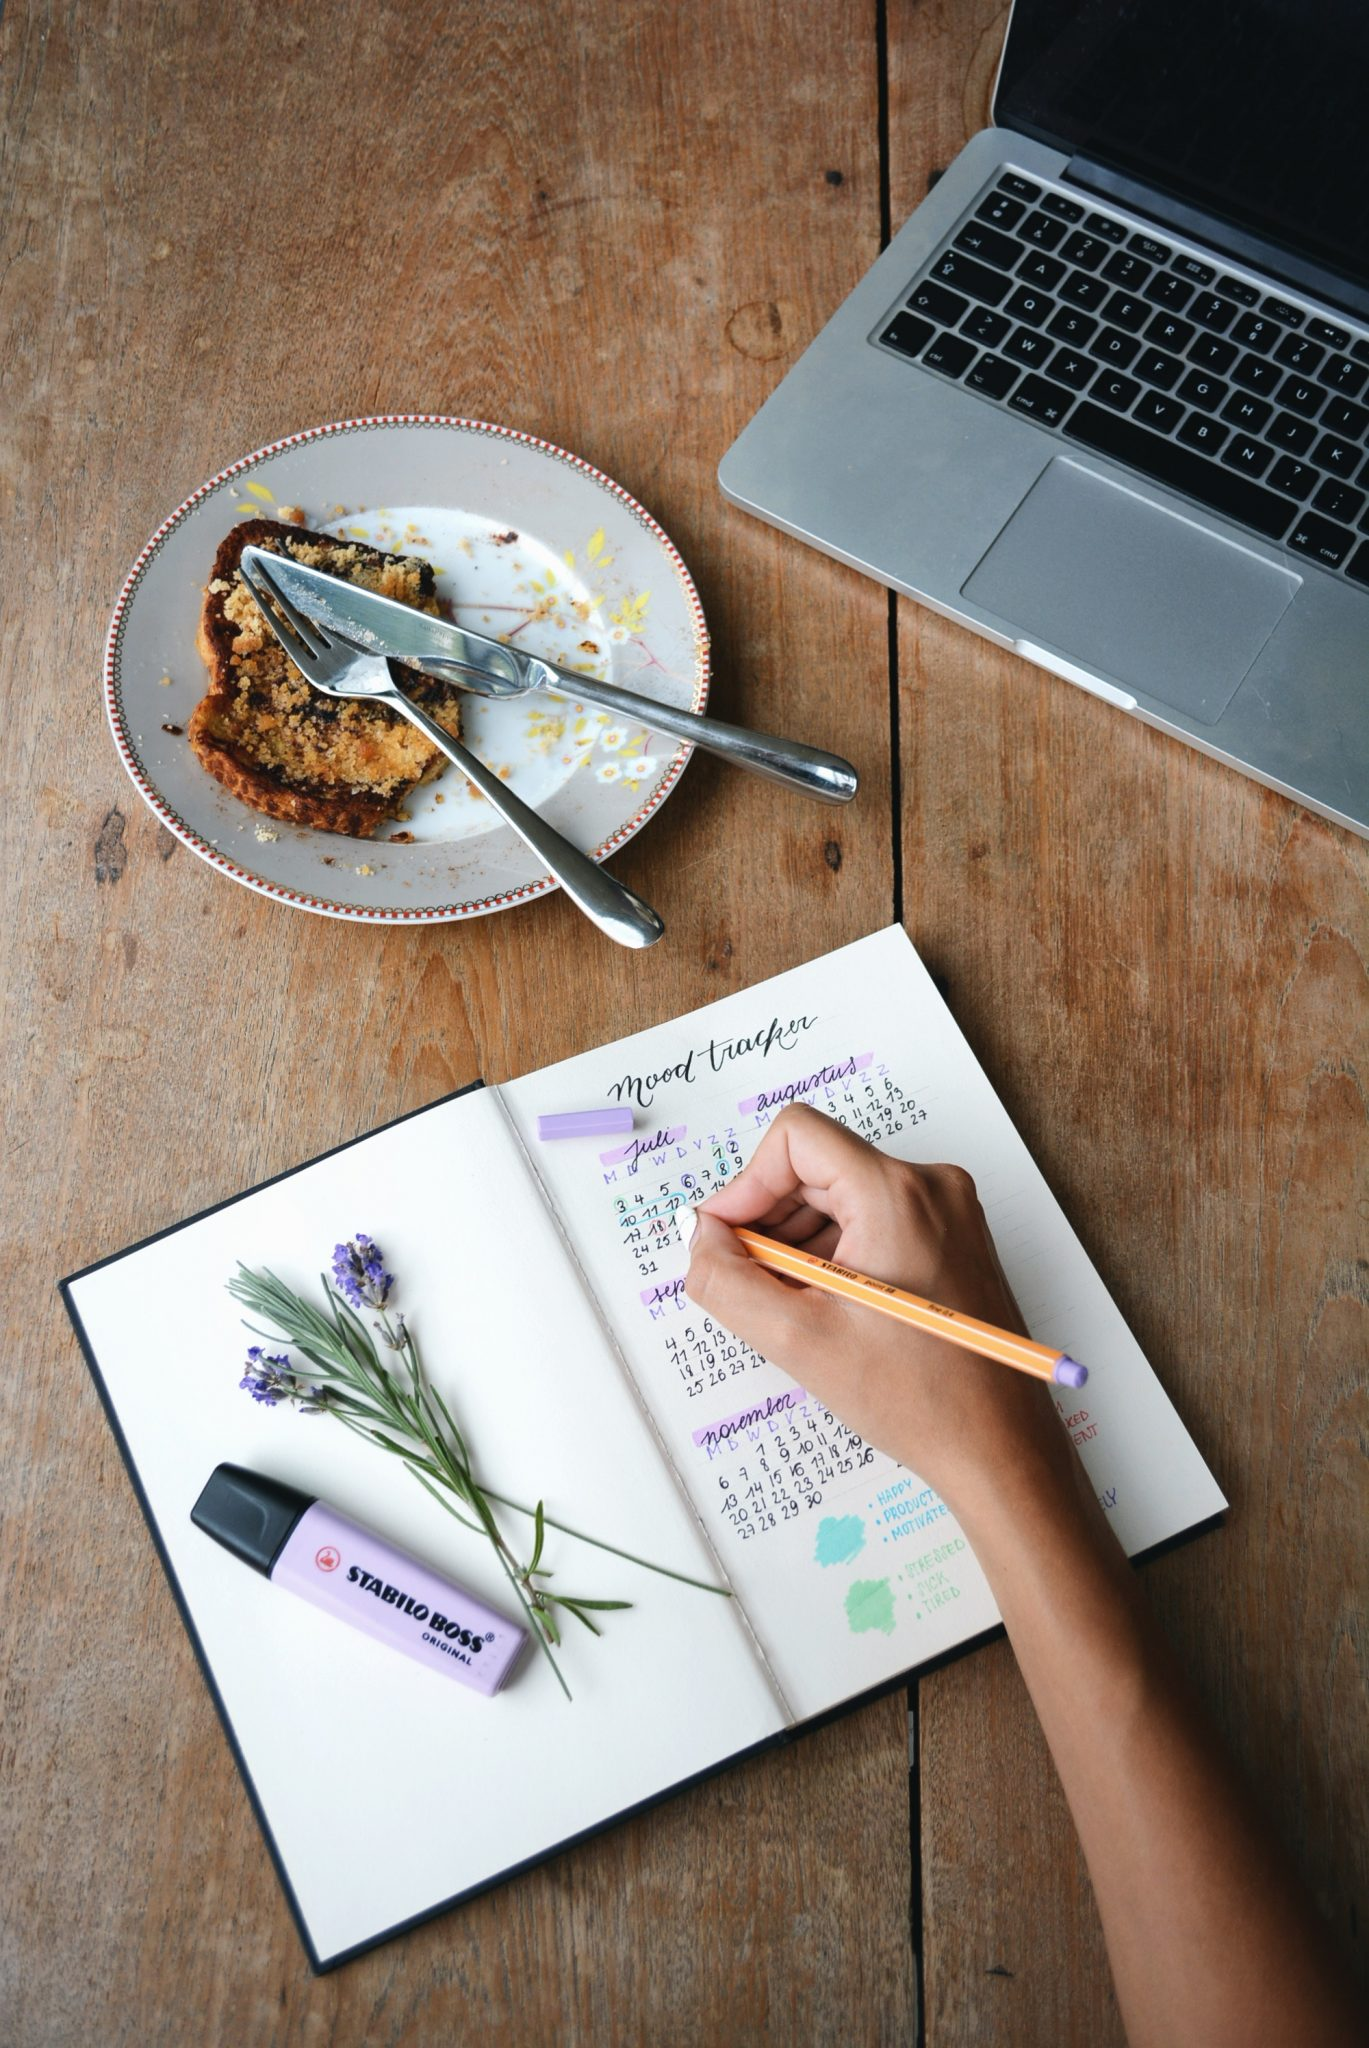 Mano di donna che scrive la sua routine su un'agenda di fianco ad un computer e una fetta di torta - foto in CC tatianaberlaffa.com